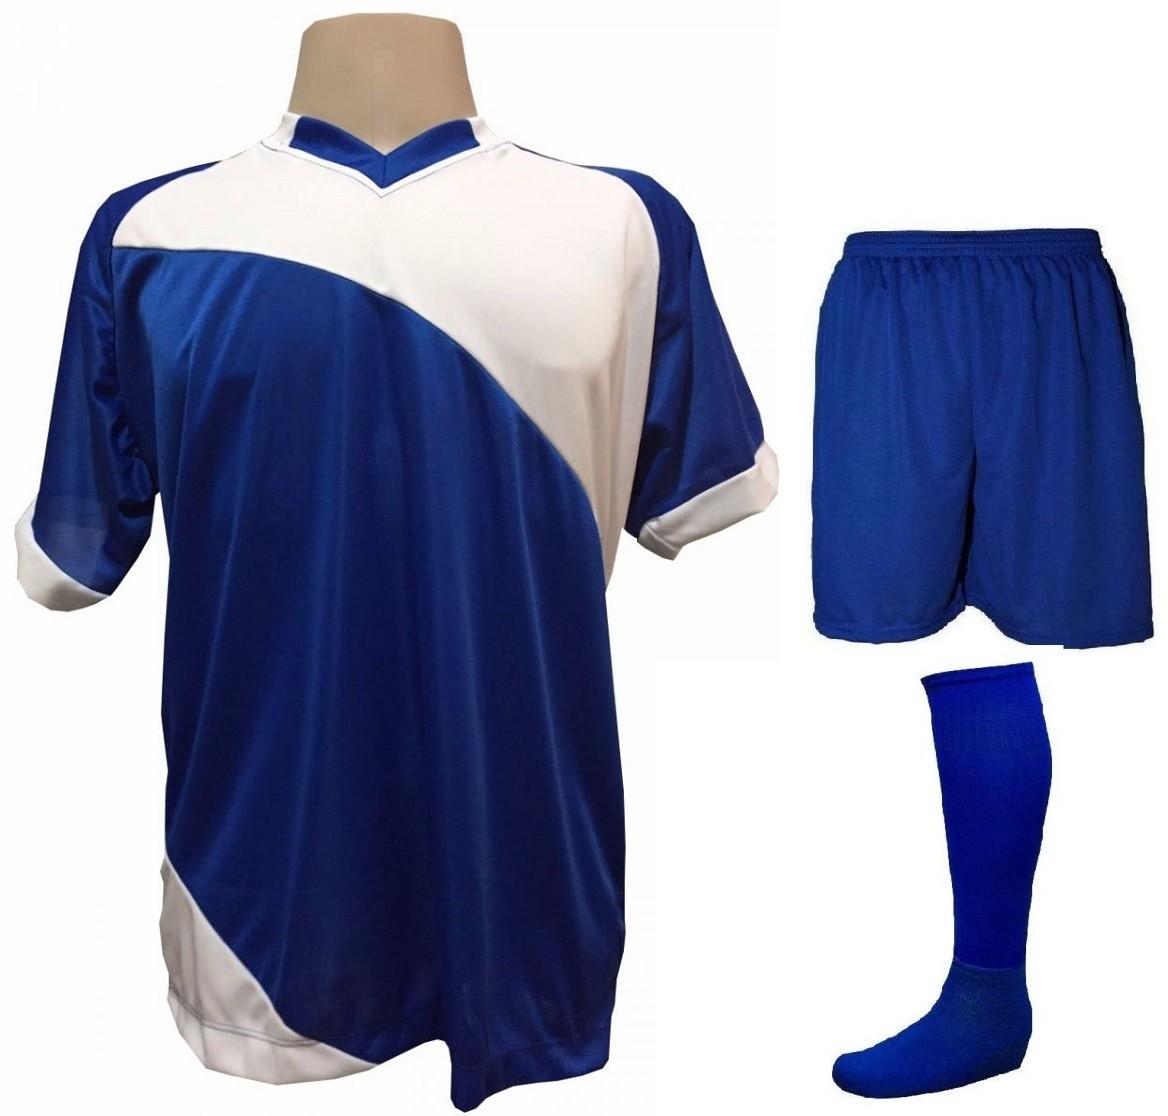 Fardamento Completo modelo Bélgica 20+2 (20 camisas Royal/Branco + 20 calções modelo Madrid Royal + 20 pares de meiões Royal + 2 conjuntos de goleiro) + Brindes